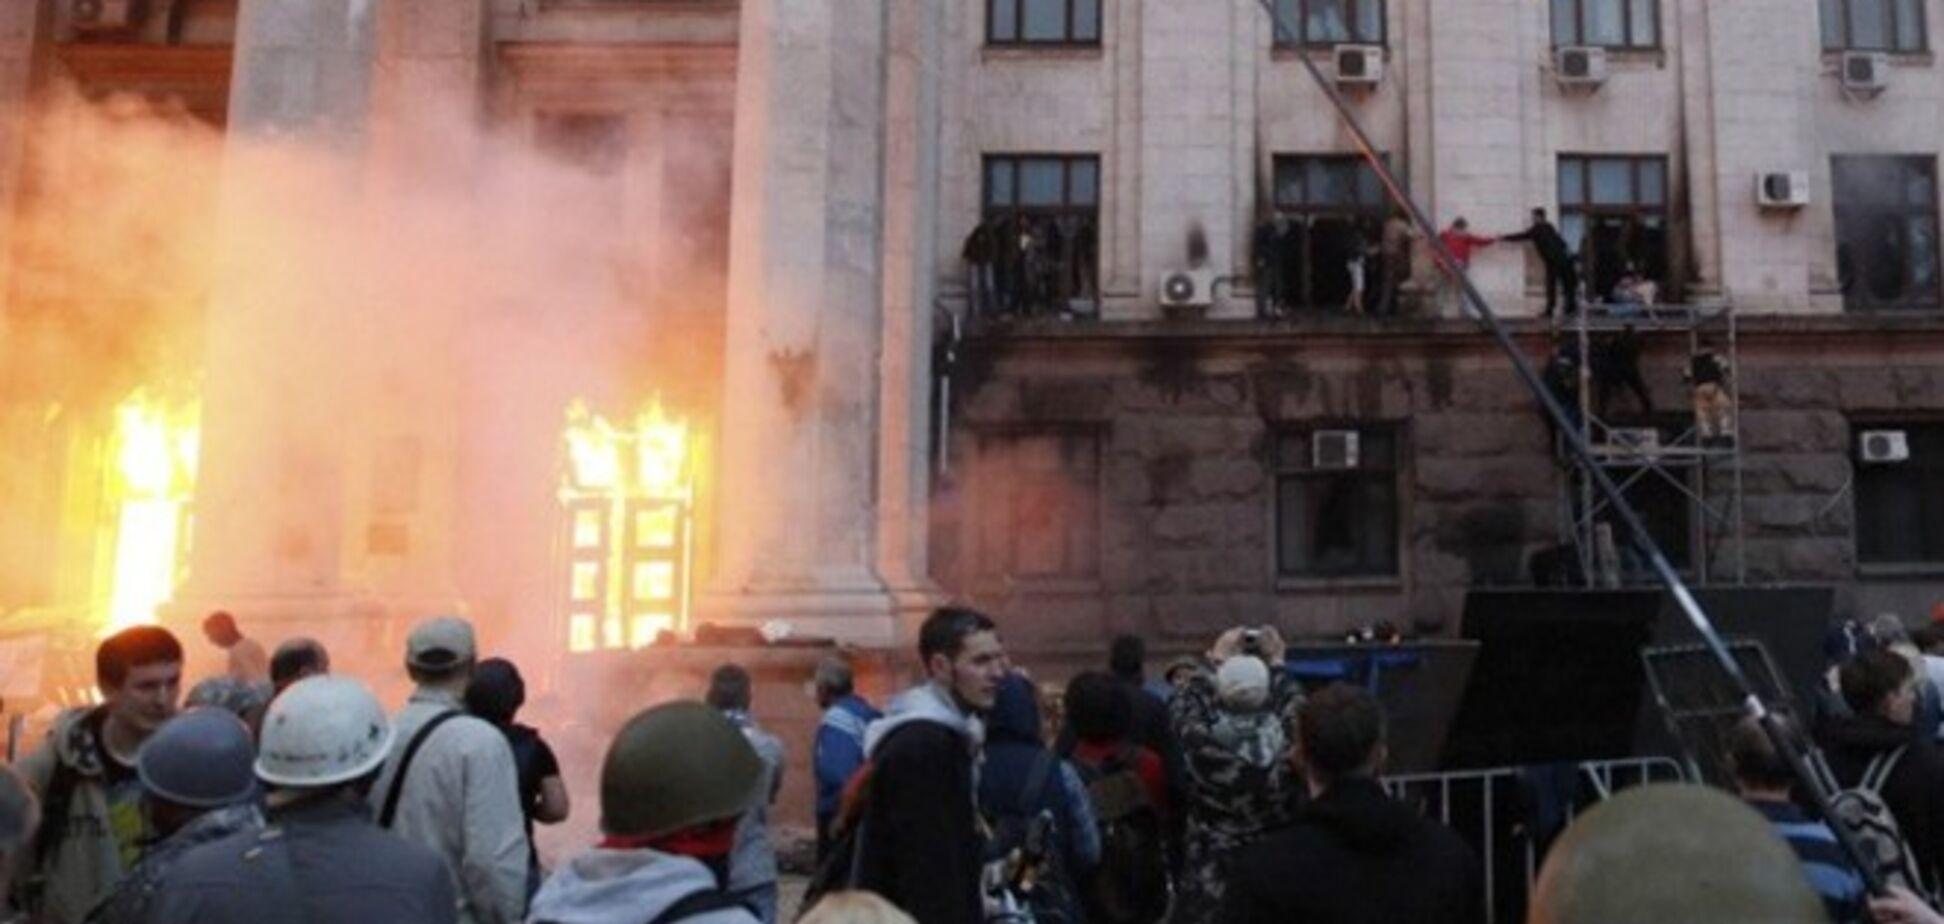 К трагическим событиям в Одессе причастны российские спецслужбы - СБУ